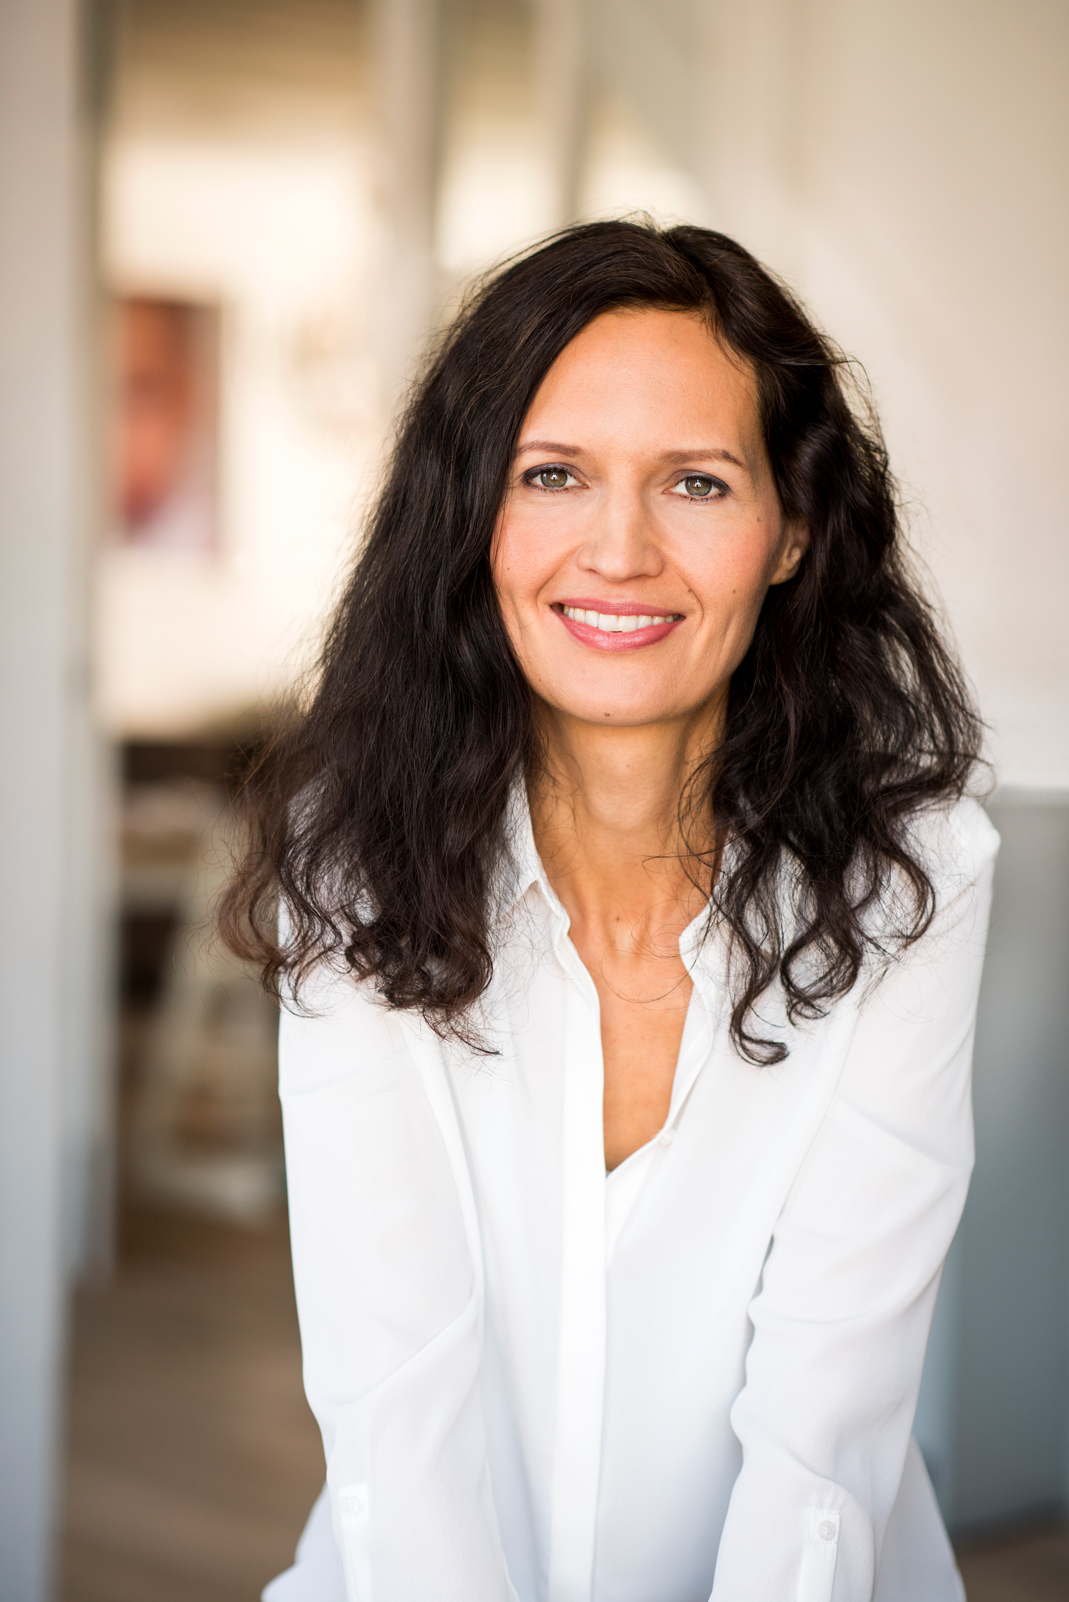 Saschinka Tillner-Schmiddem the inventor of Wunderblau